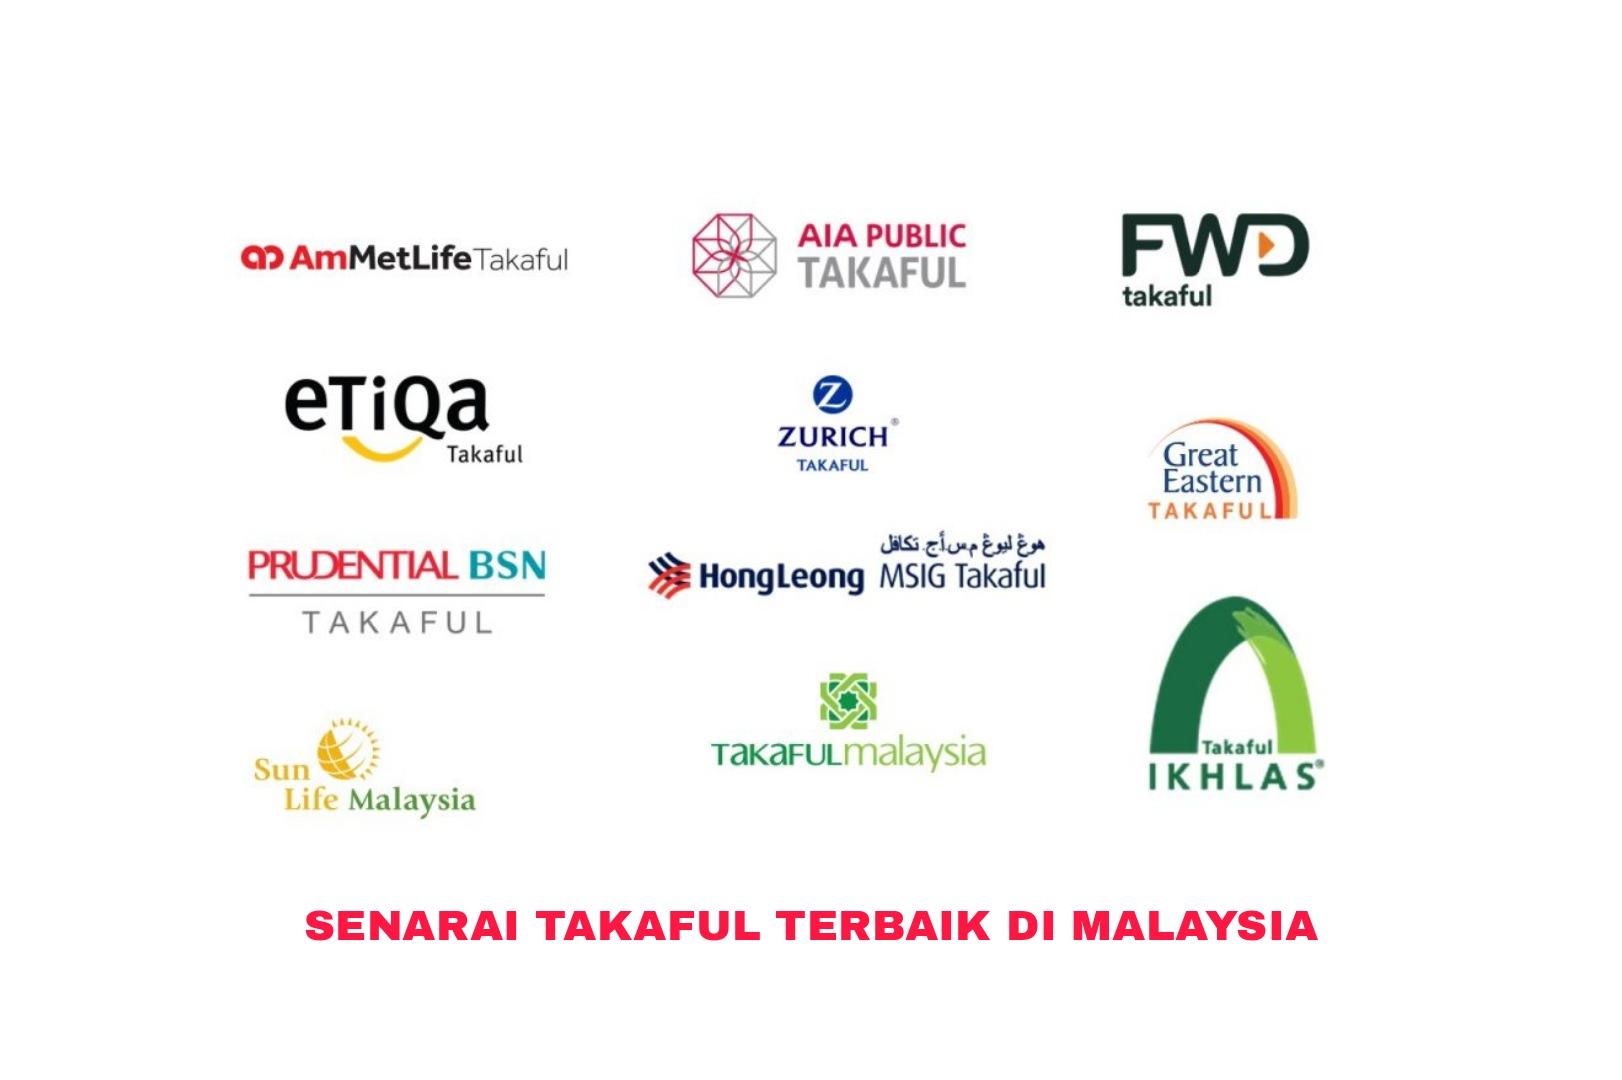 Senarai Takaful Terbaik Di Malaysia 2021 (Cara Daftar)